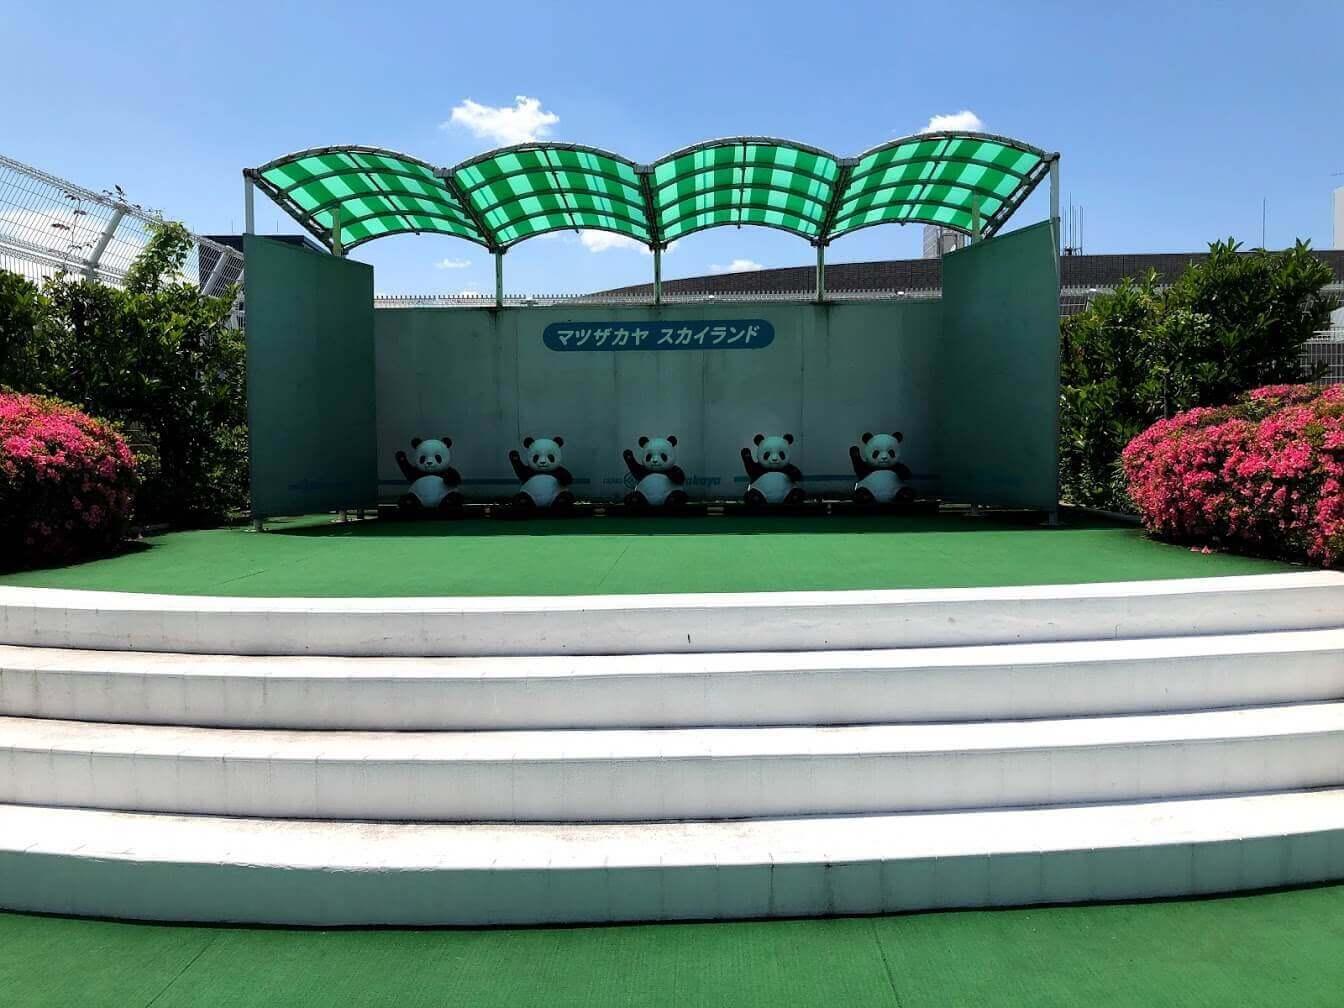 上野松坂屋の屋上